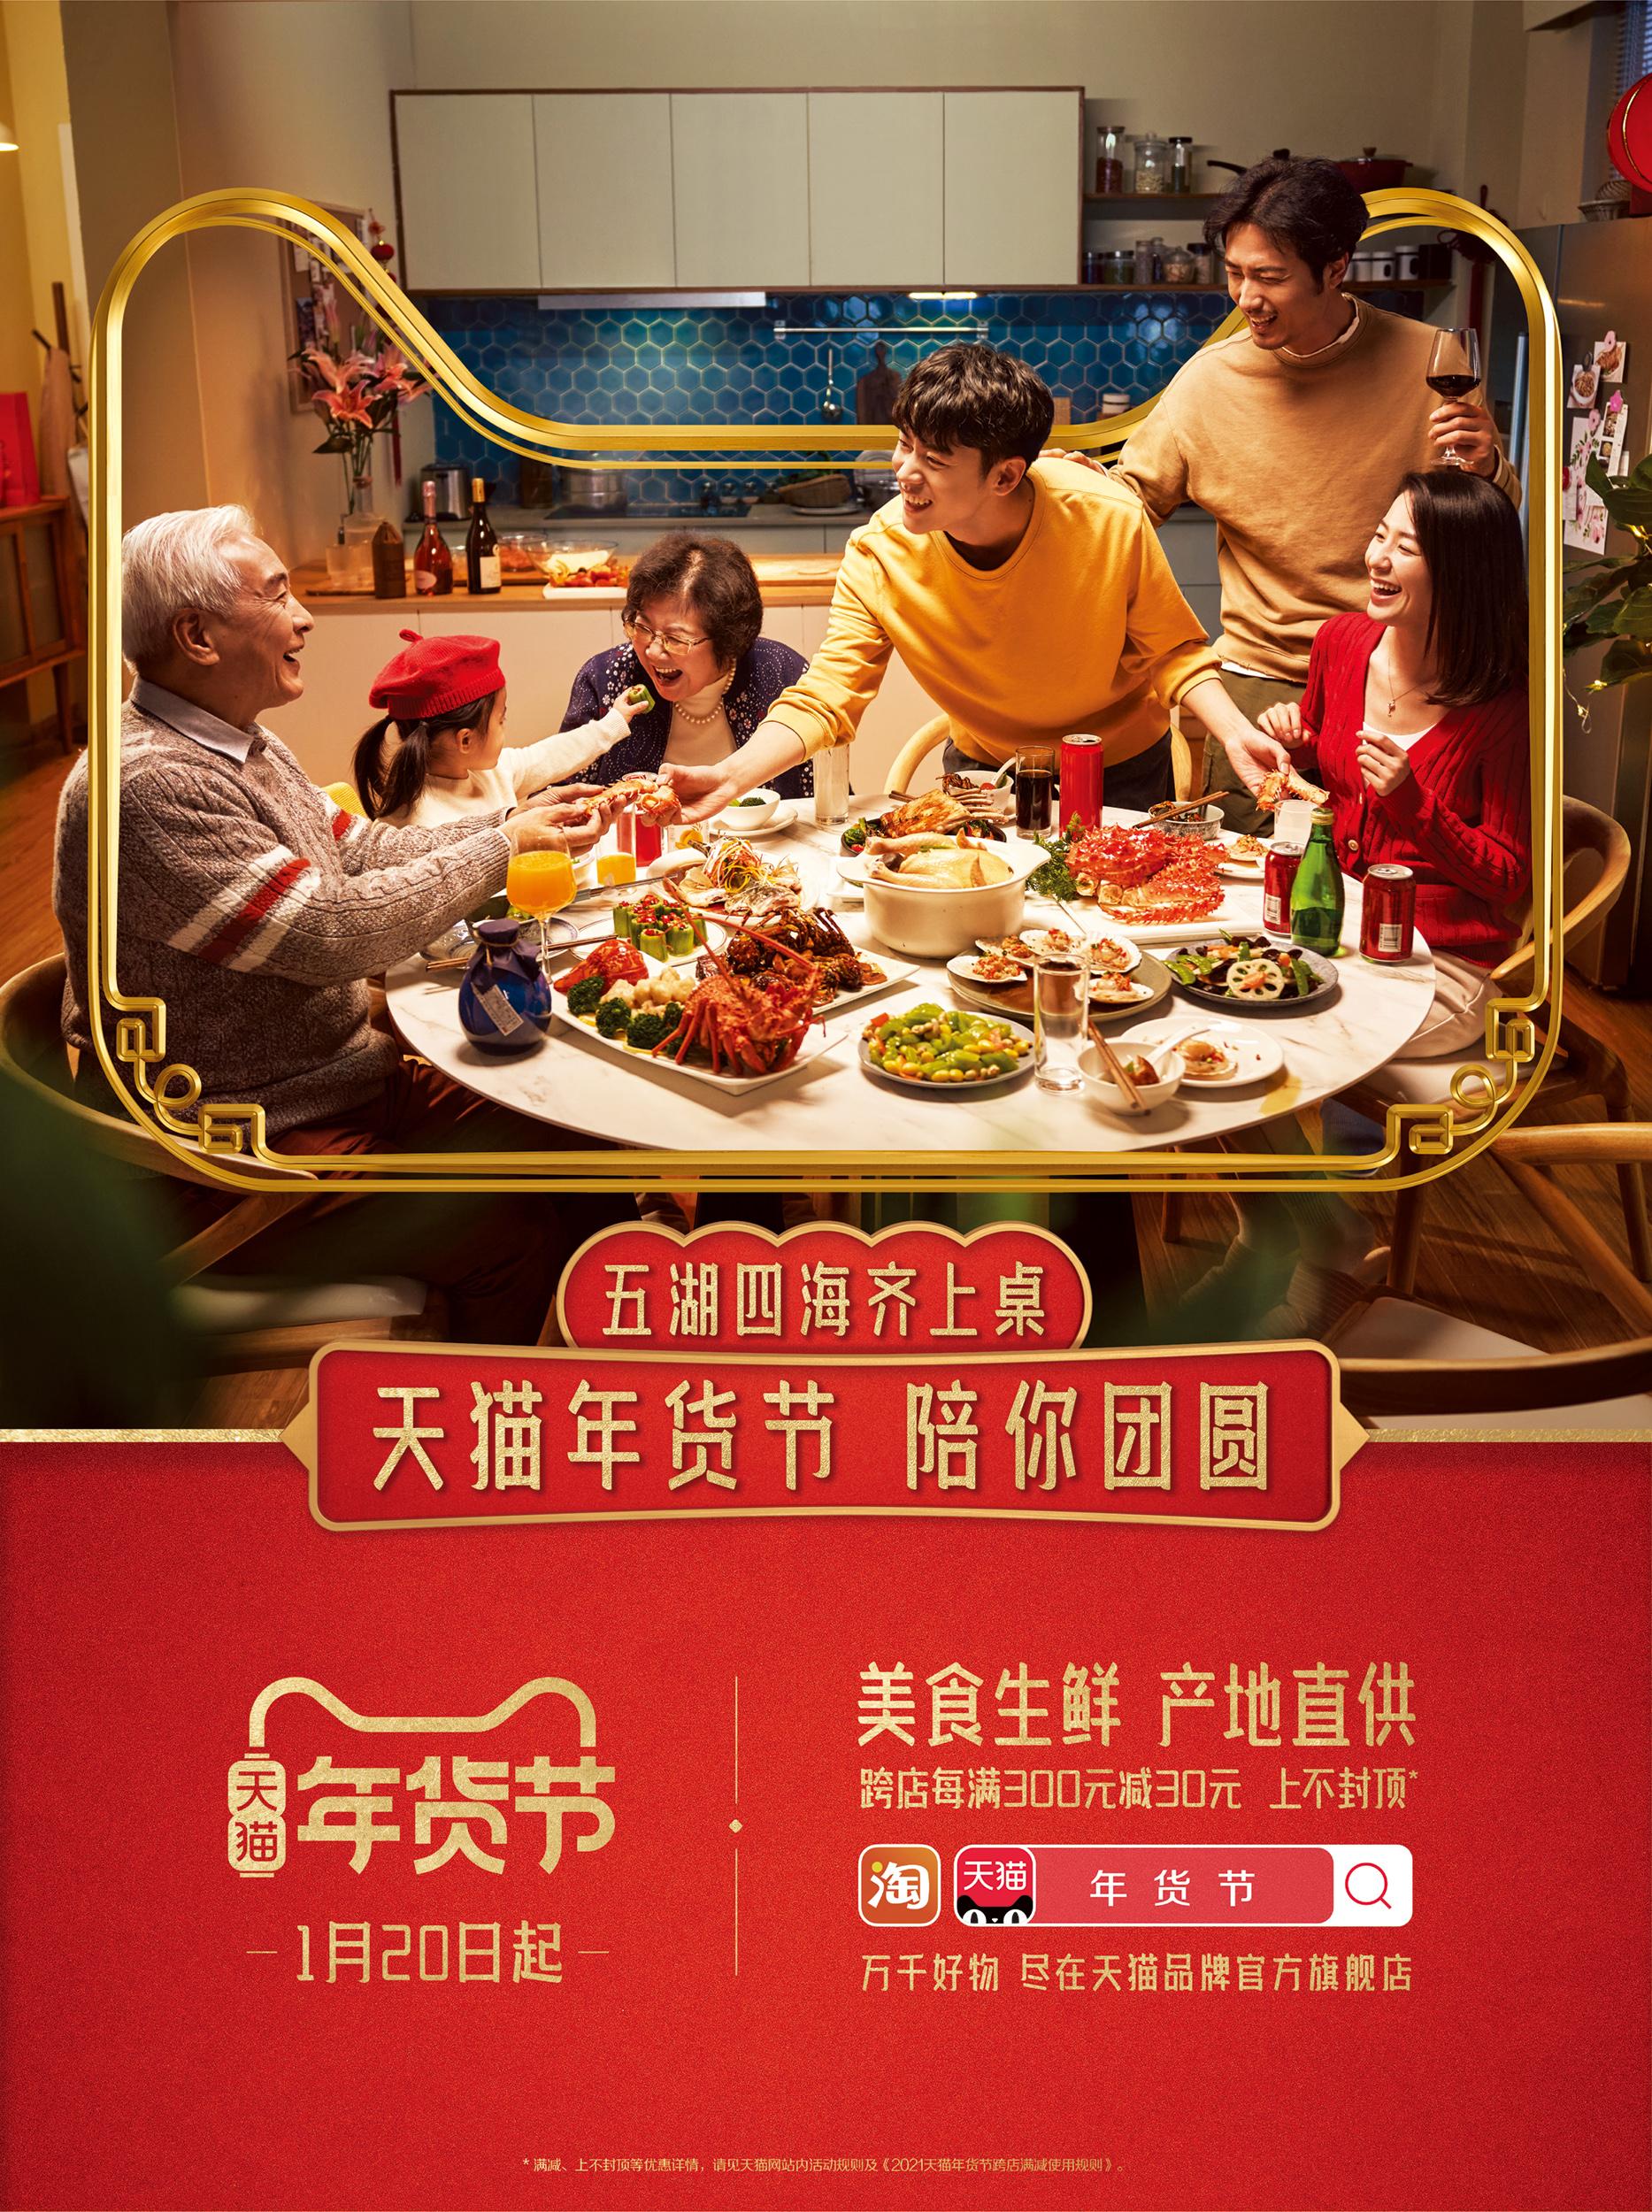 2020Tmall_CNY_Food_v_logo_s